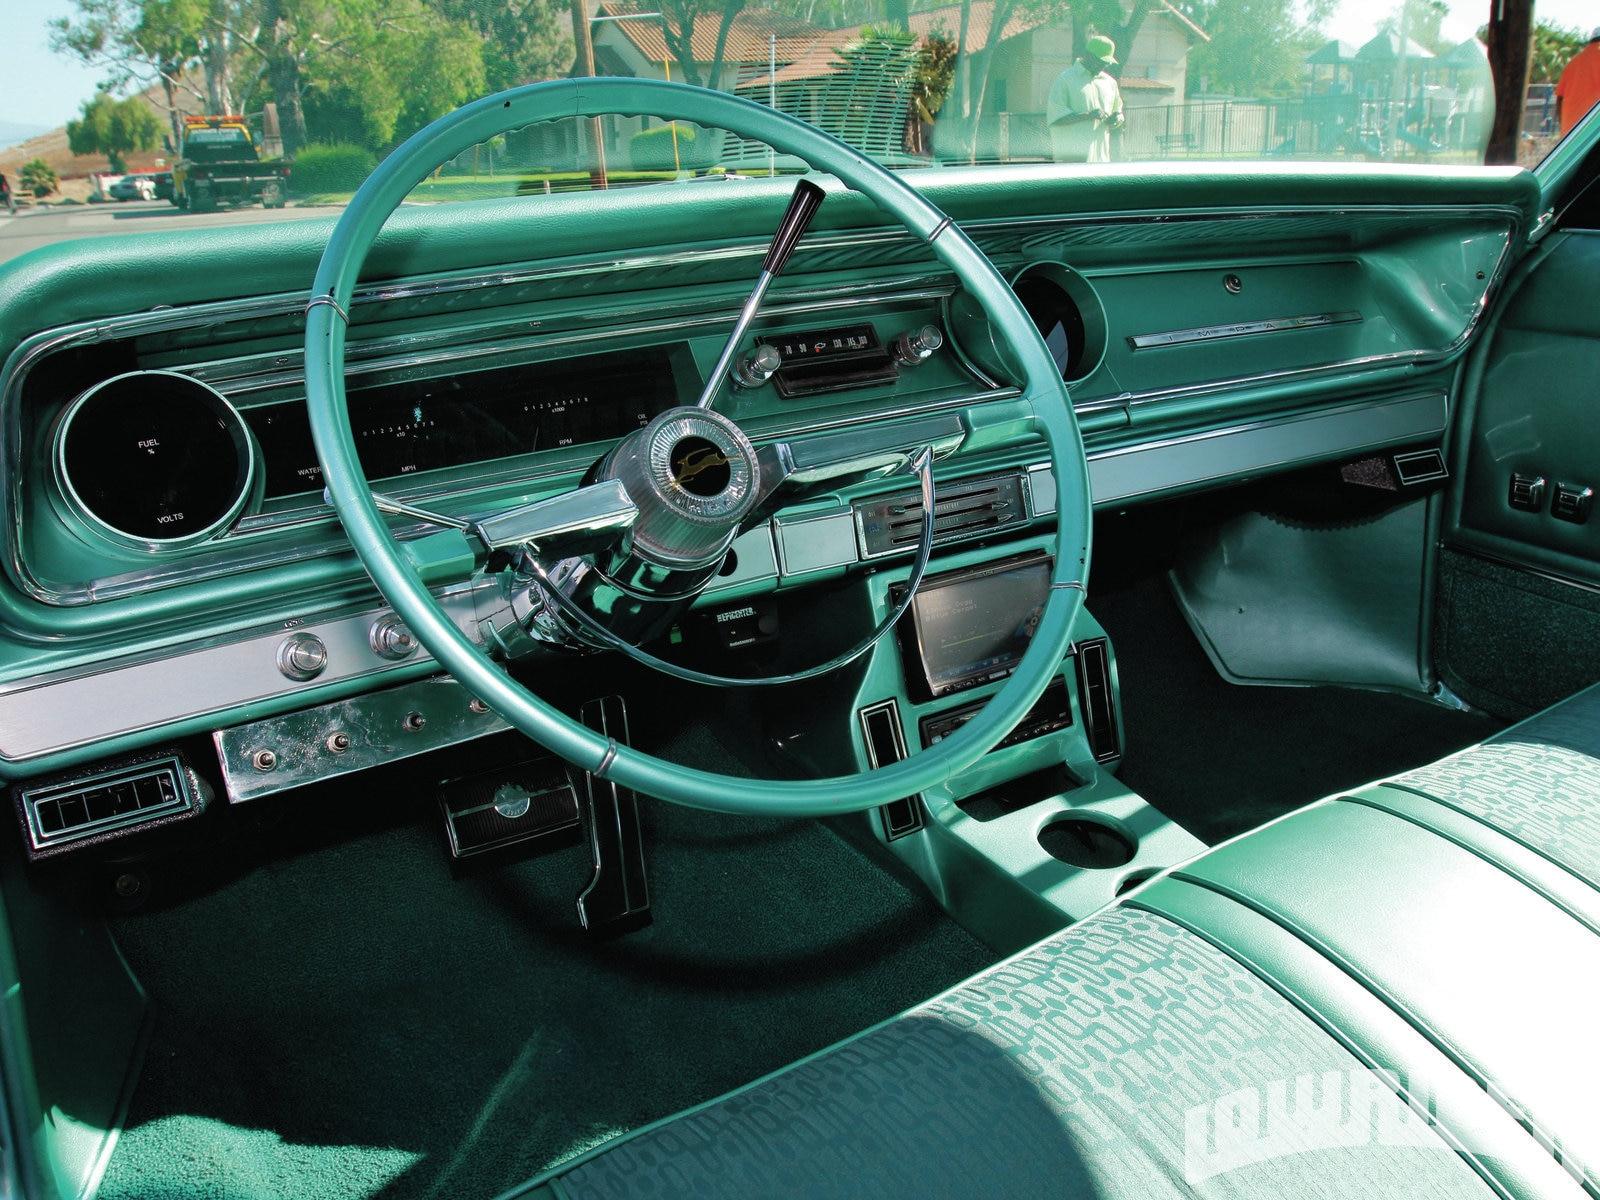 1965 Chevrolet Impala - Poison Ivy - Lowrider Magazine